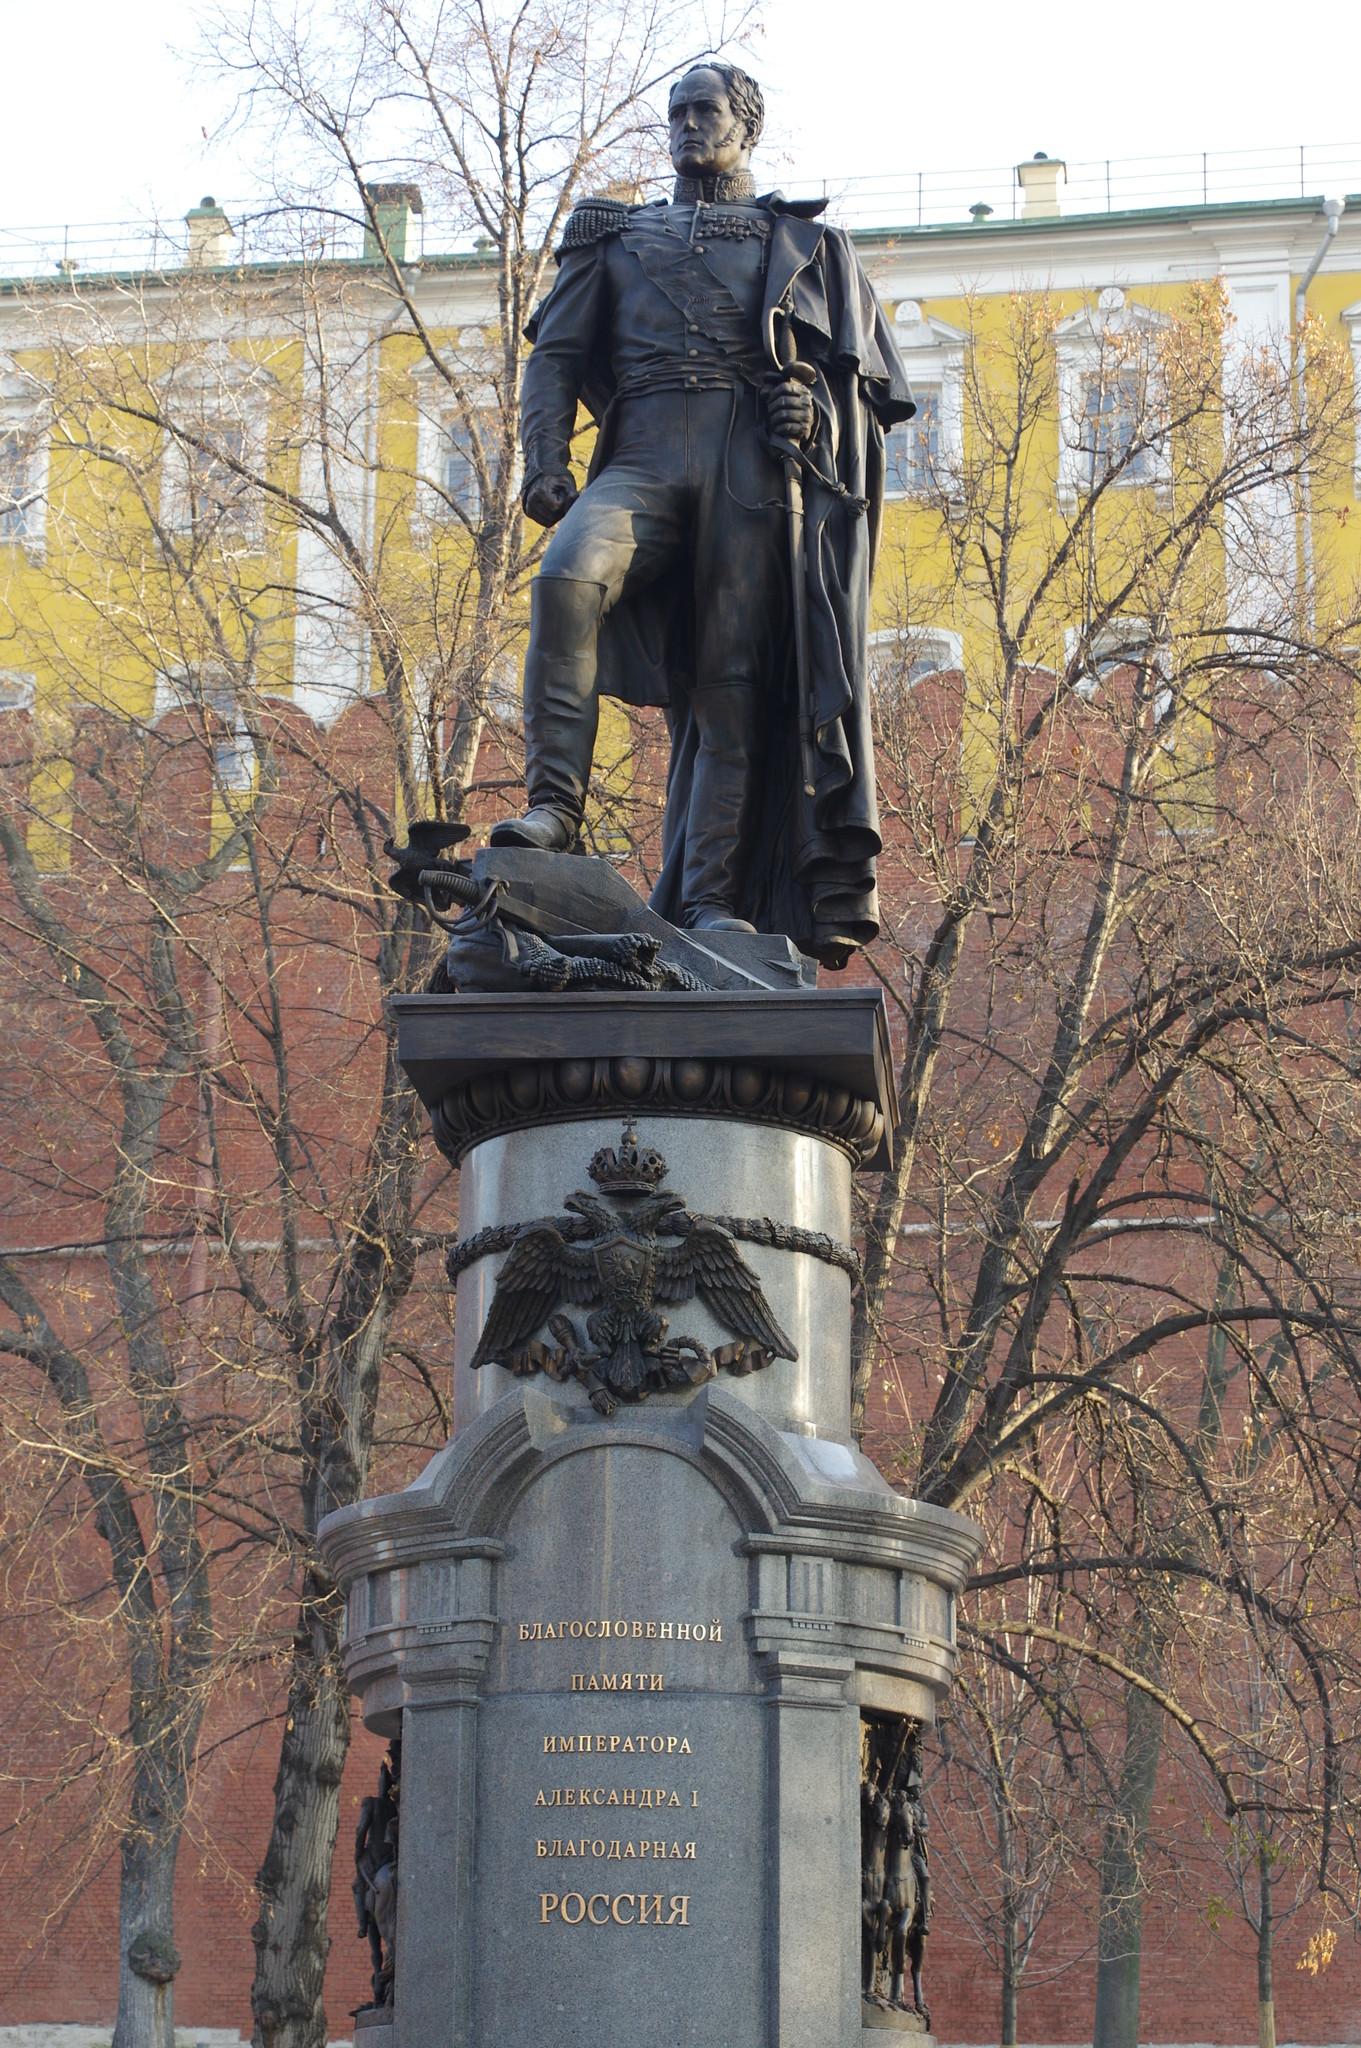 31 (19) марта 1814 года император Александр I во главе союзных войск вступил в Париж